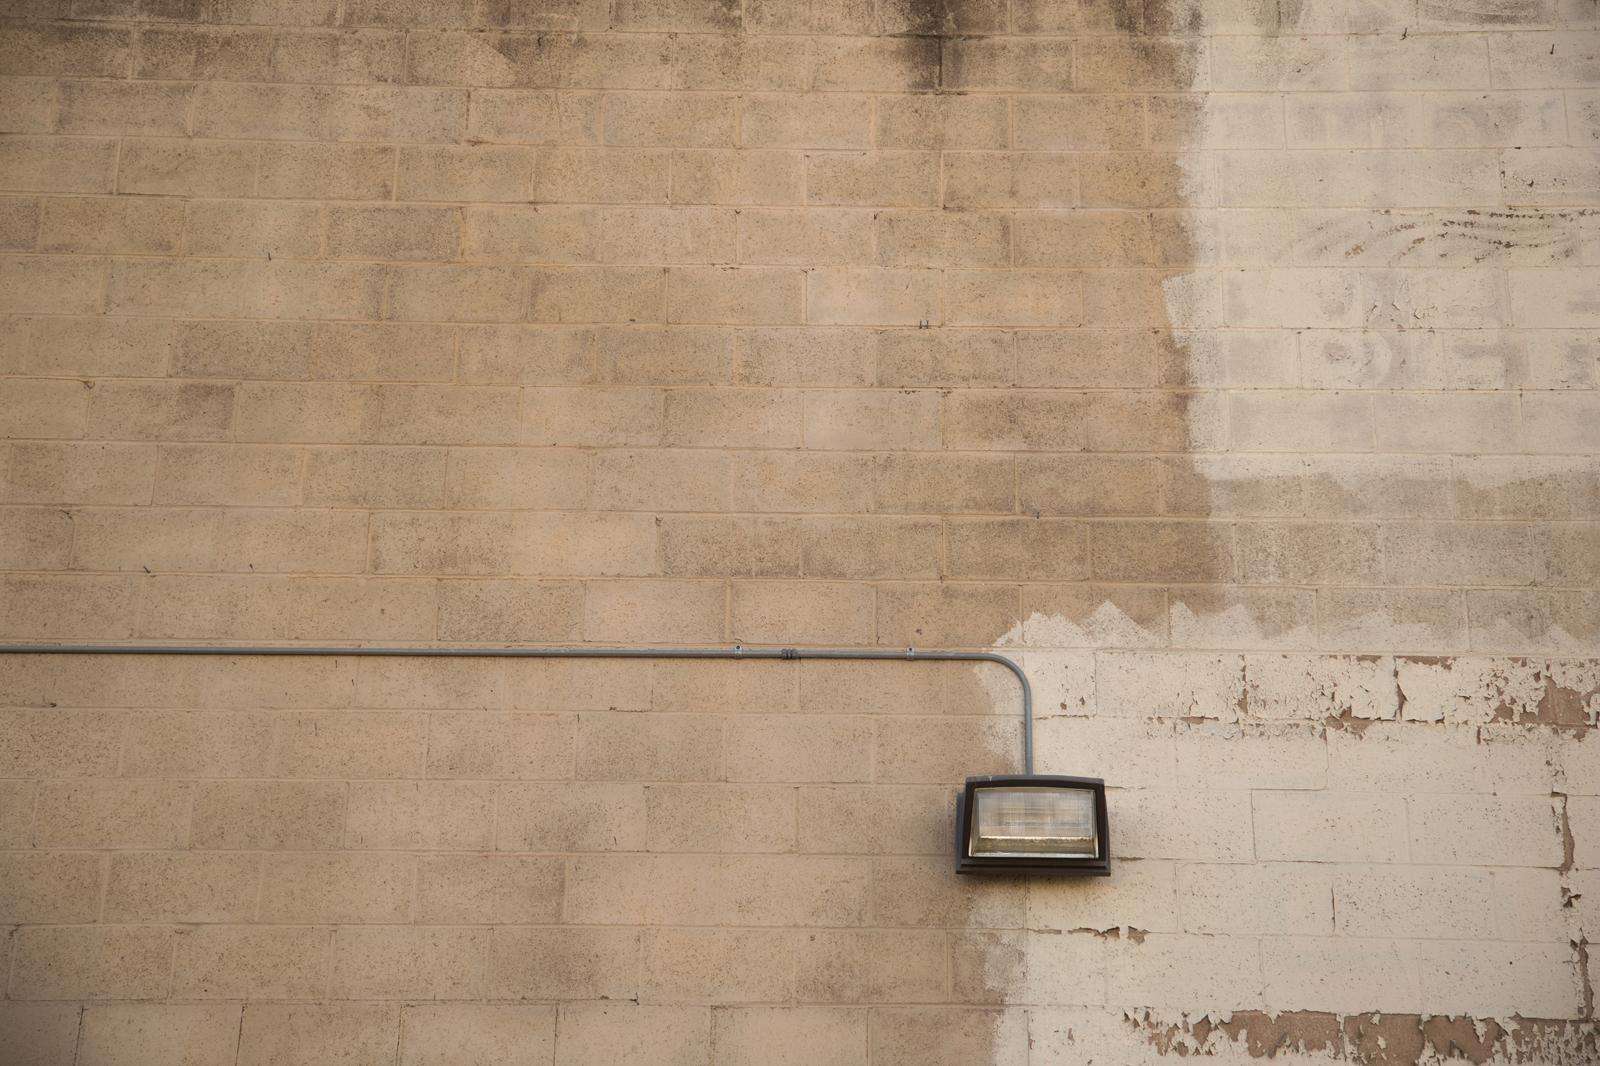 Graffiti Perimeter